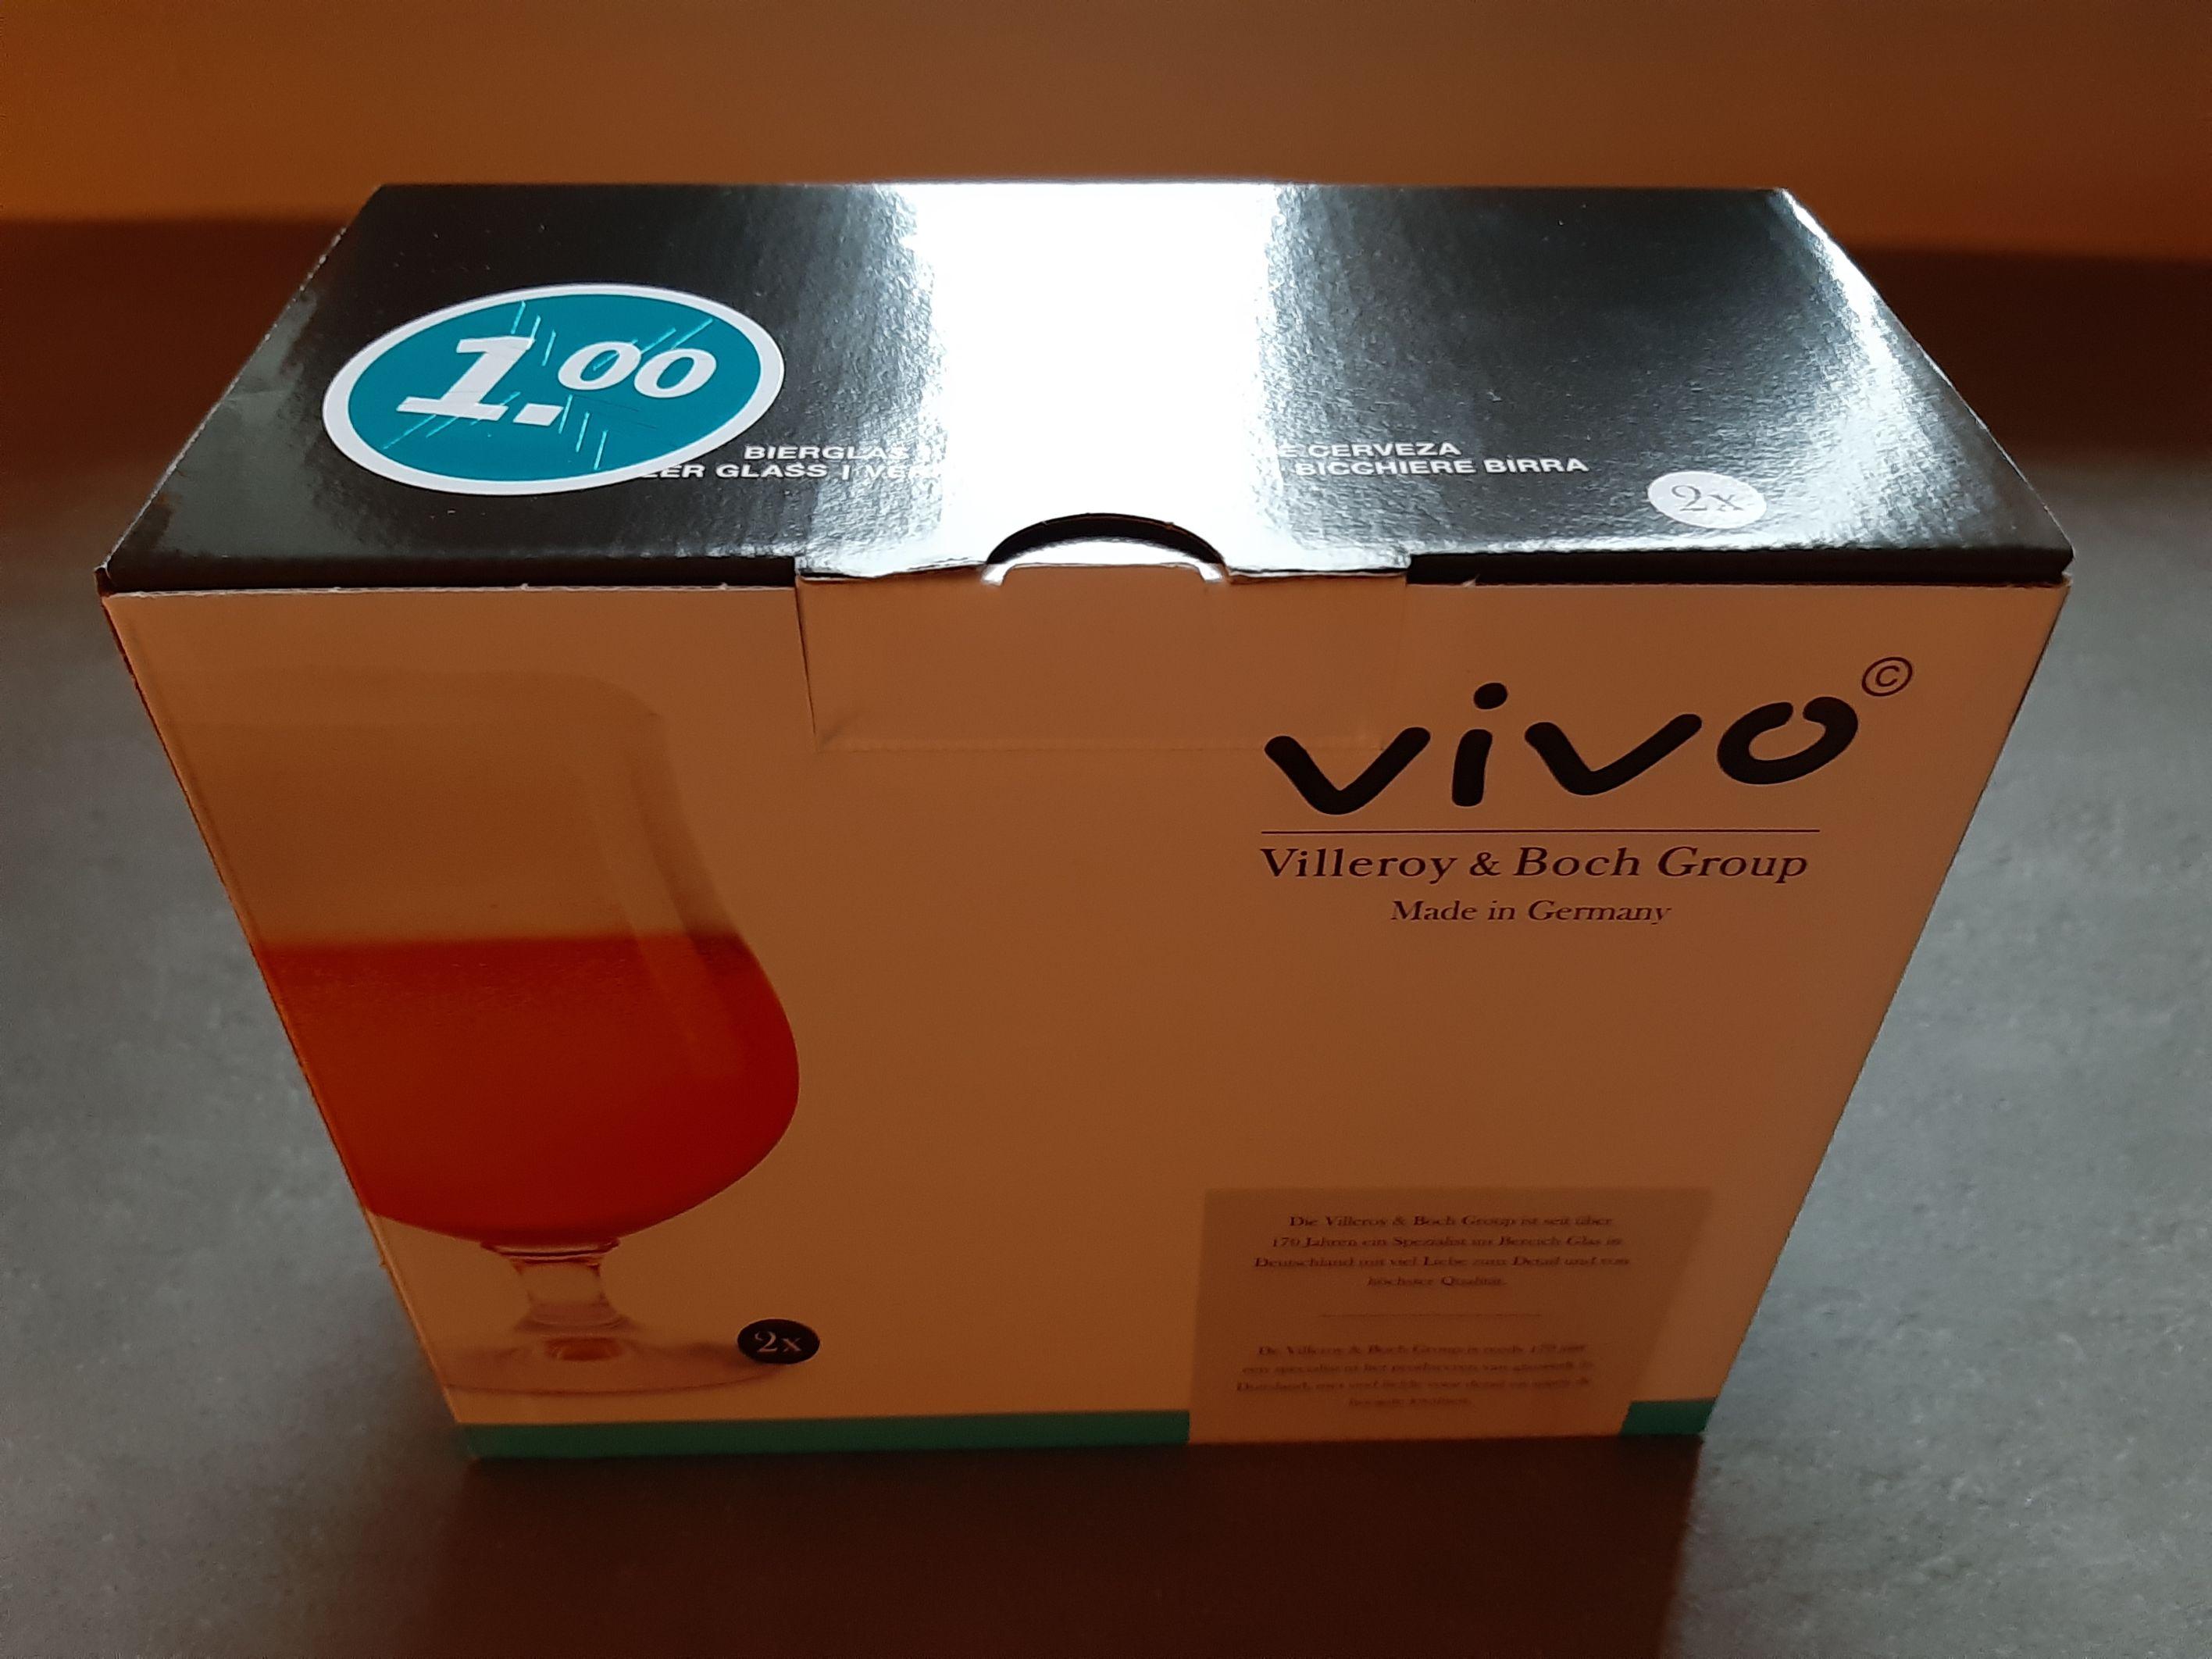 Vivo glazen 1 euro AH Rijssen en snij/serveerplank groot